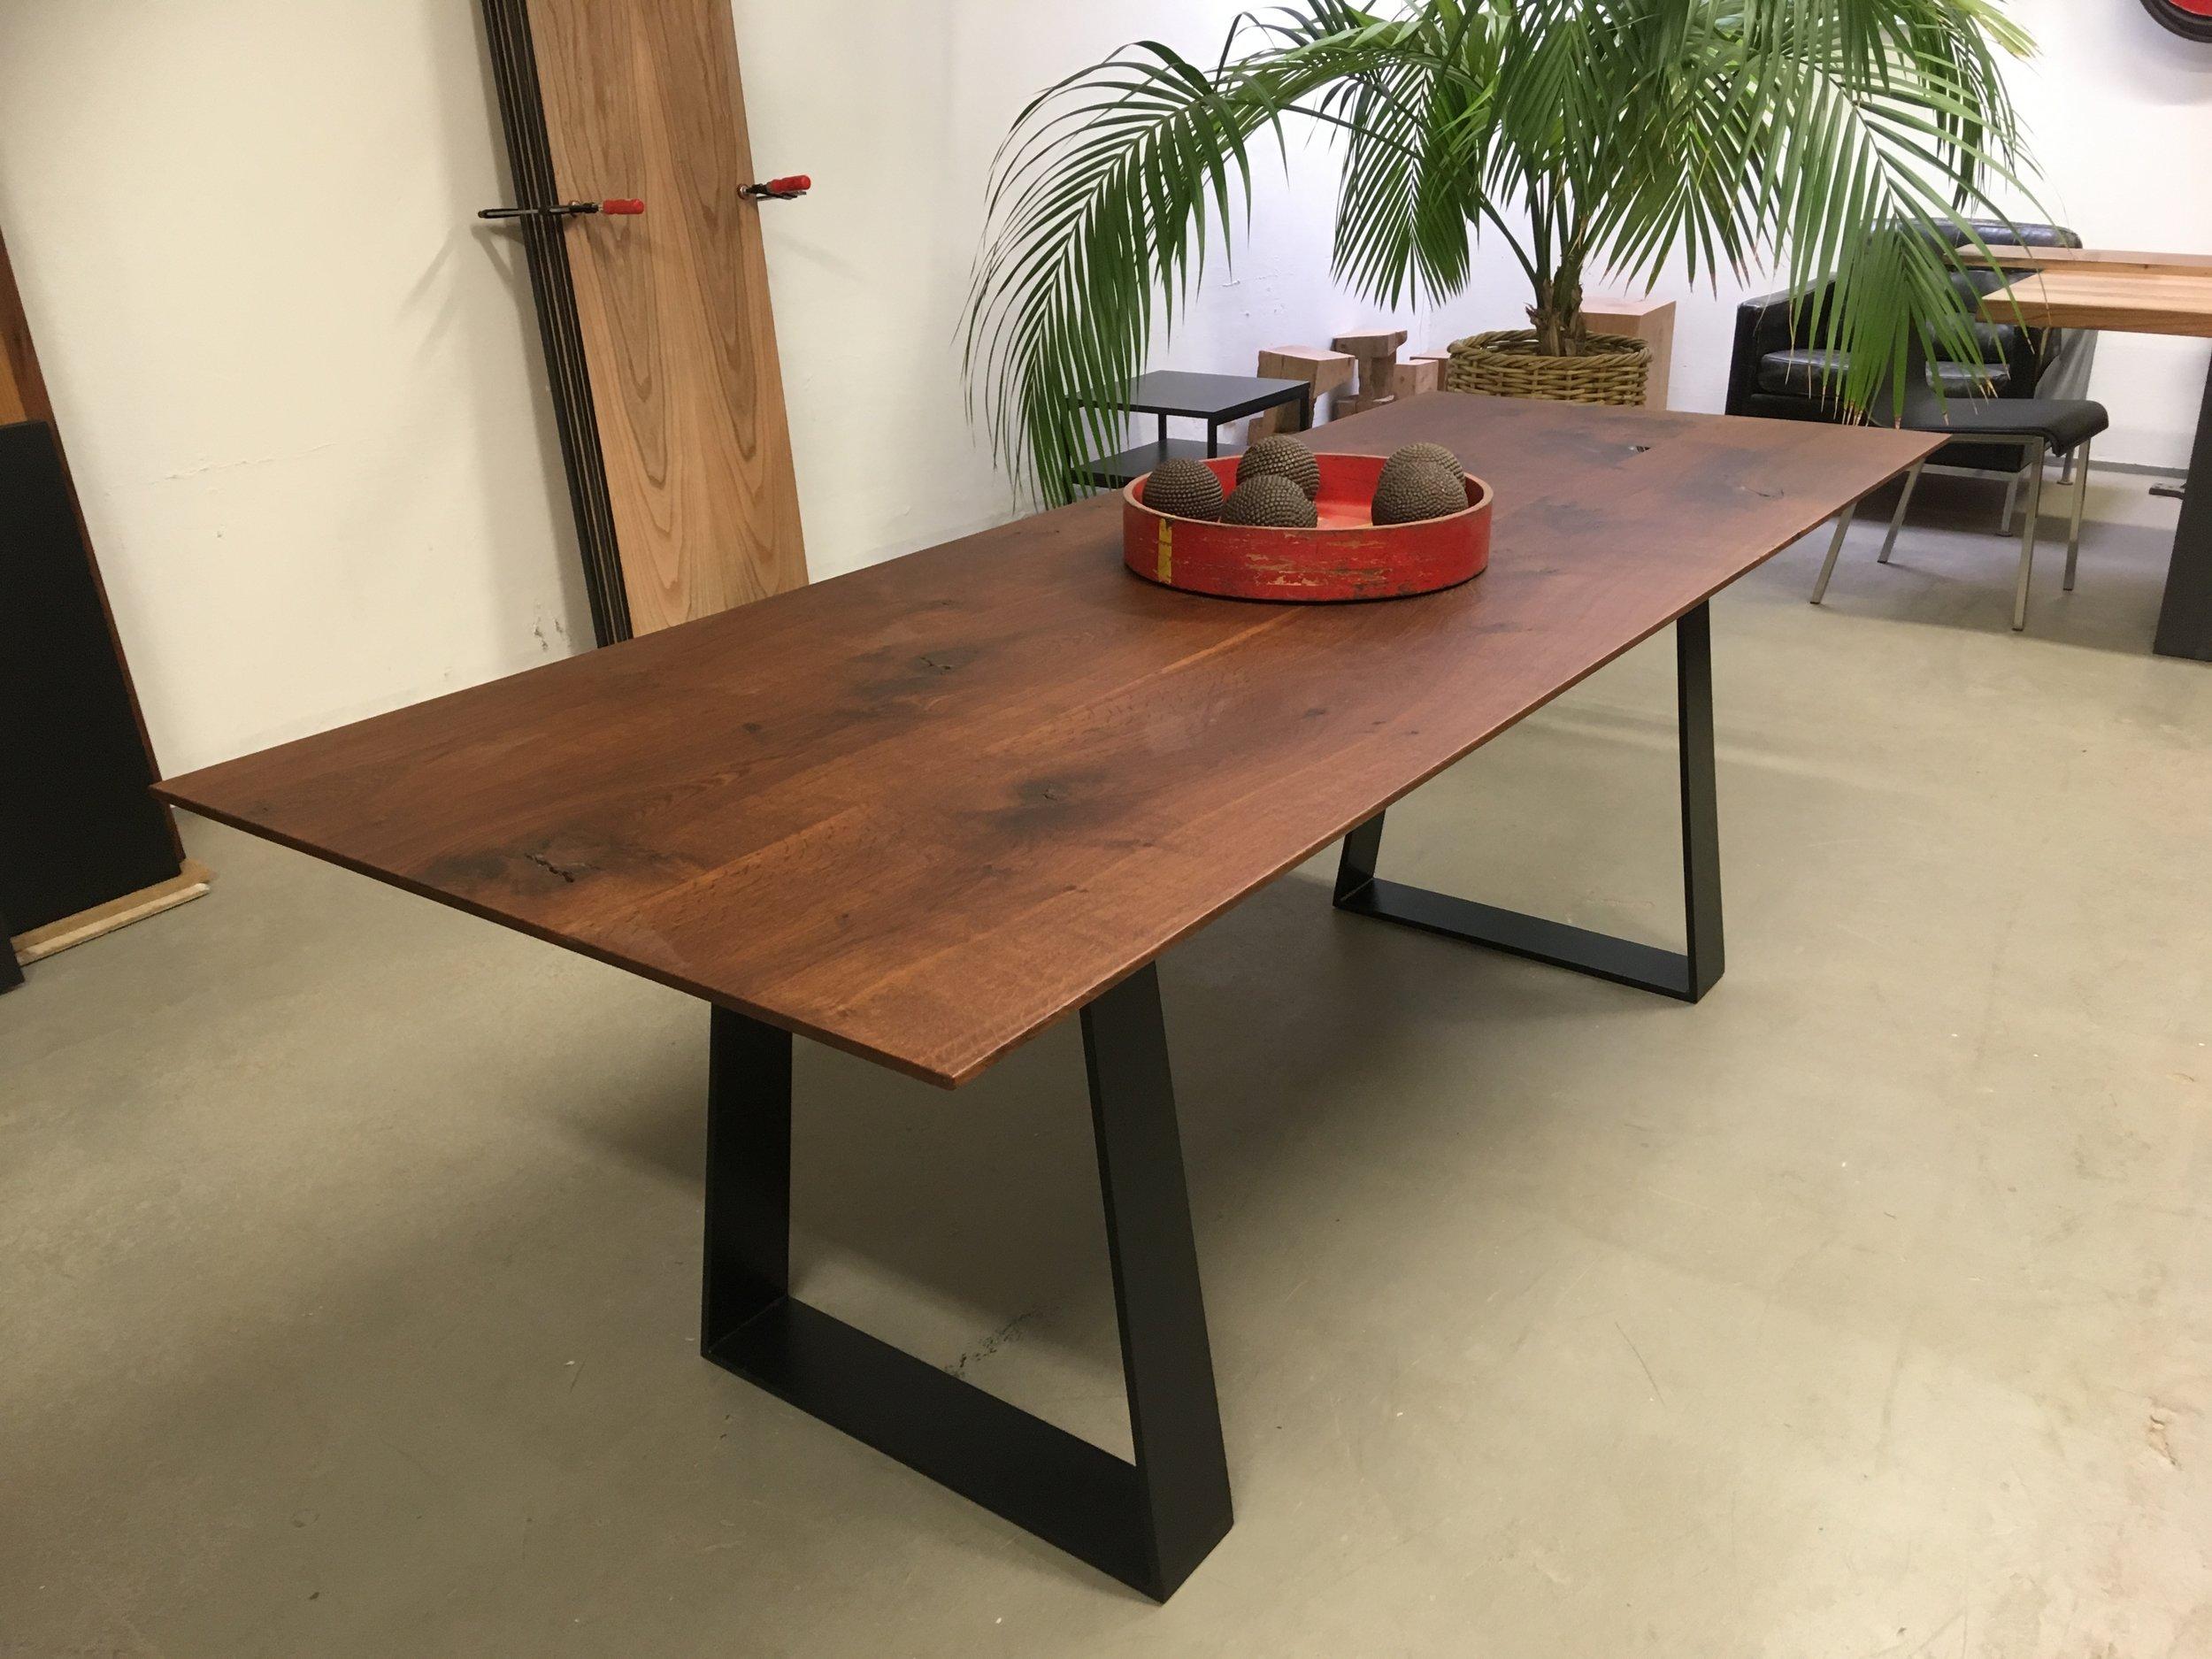 Neu! Unser Kufentisch Sid aus dunkler Eiche, 220 x 83 cm, 1900 Euro inklusiv Lieferung in Aachen und Umgebung bis Köln und Duisburg, Belgien, NL und Luxemburg.